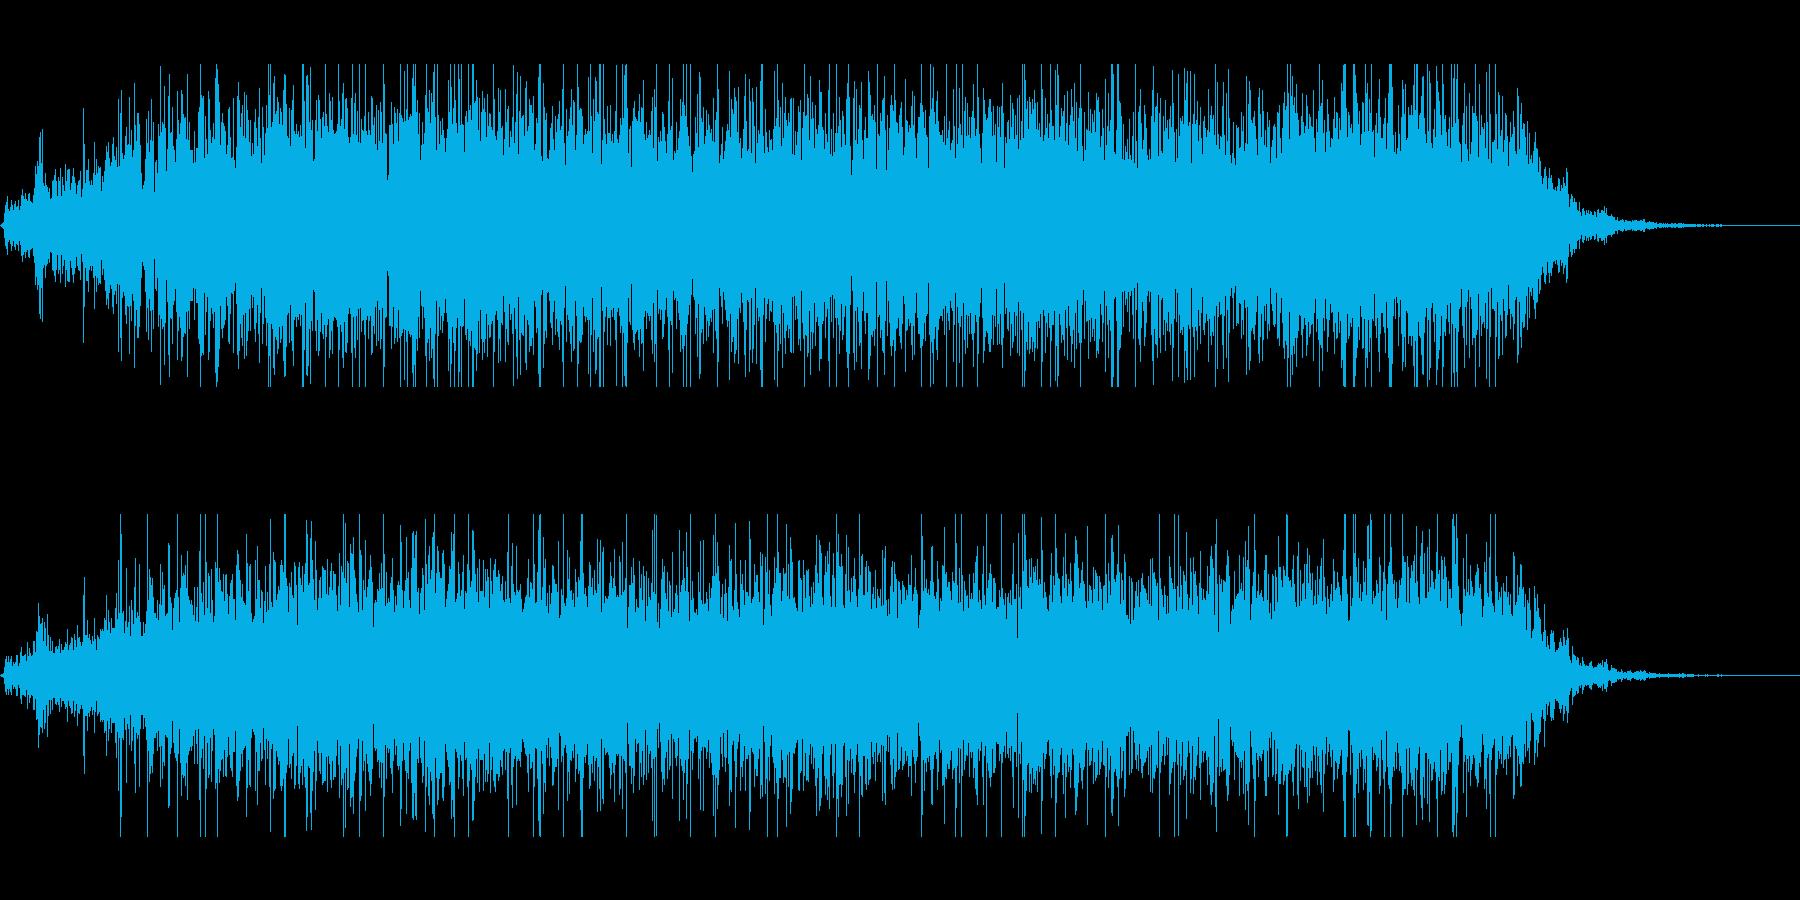 川や海、水中の水の流れの音です。の再生済みの波形